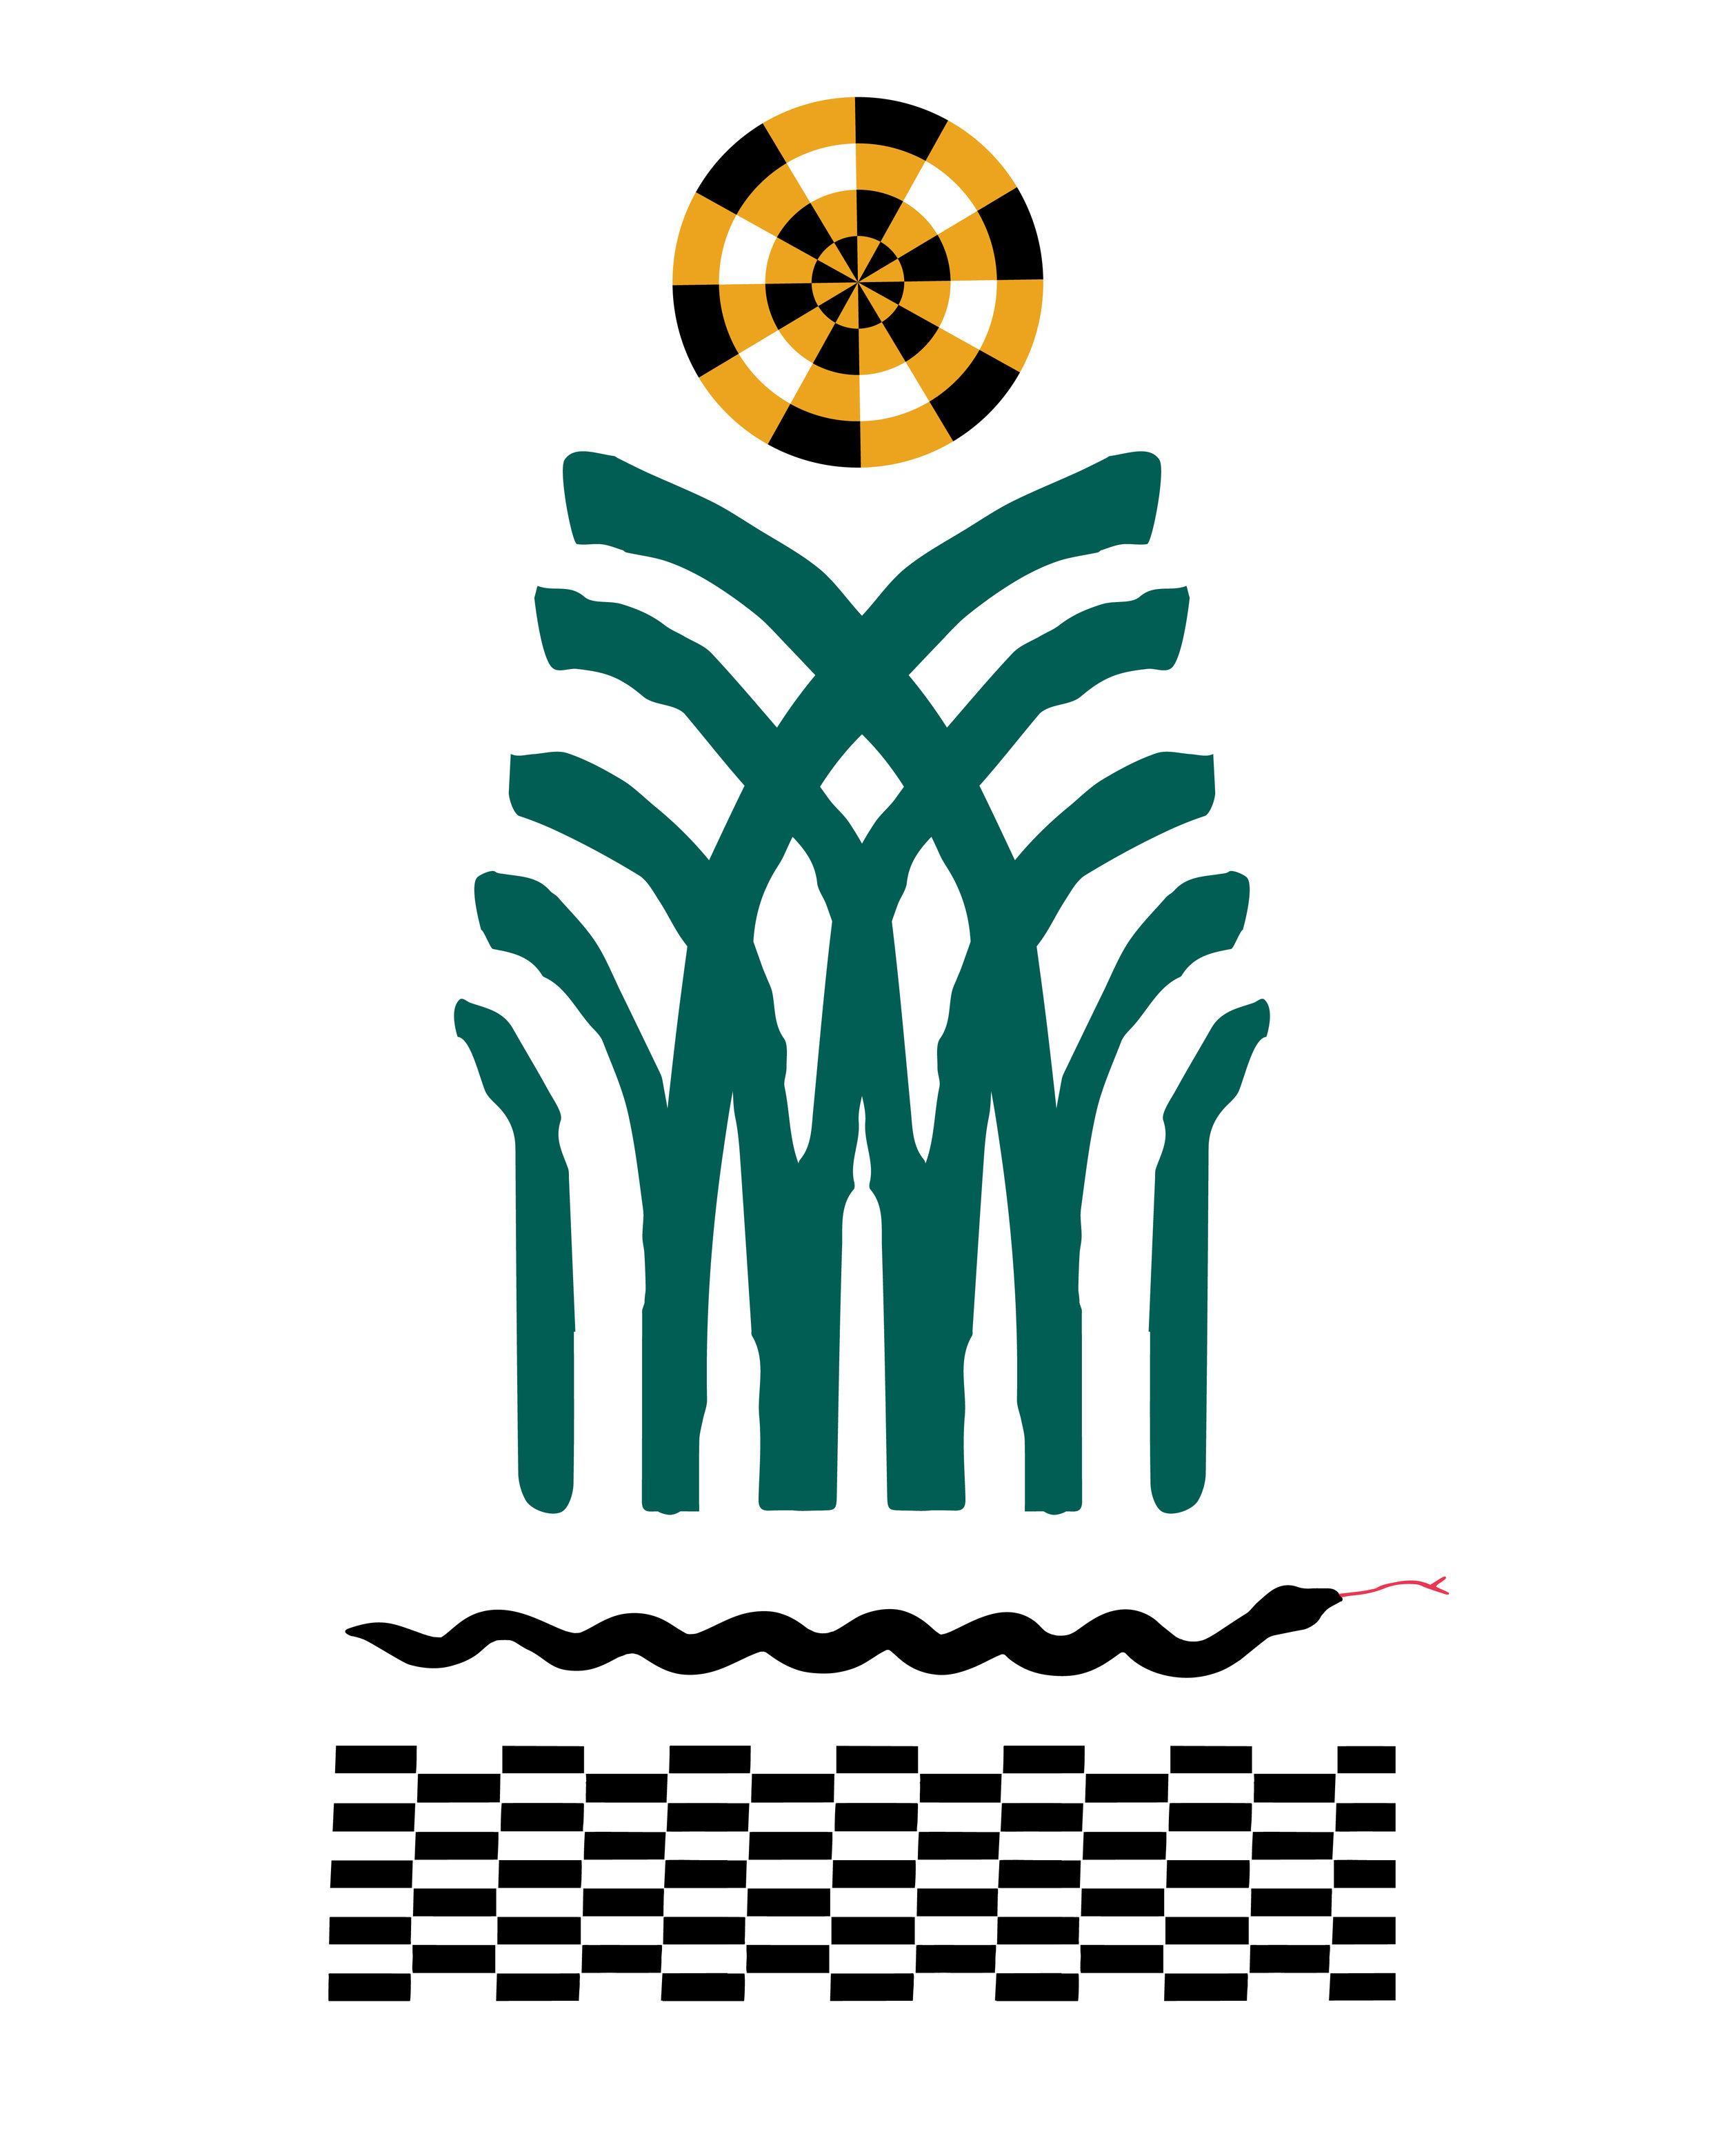 snakeinthegrass2-01.jpg